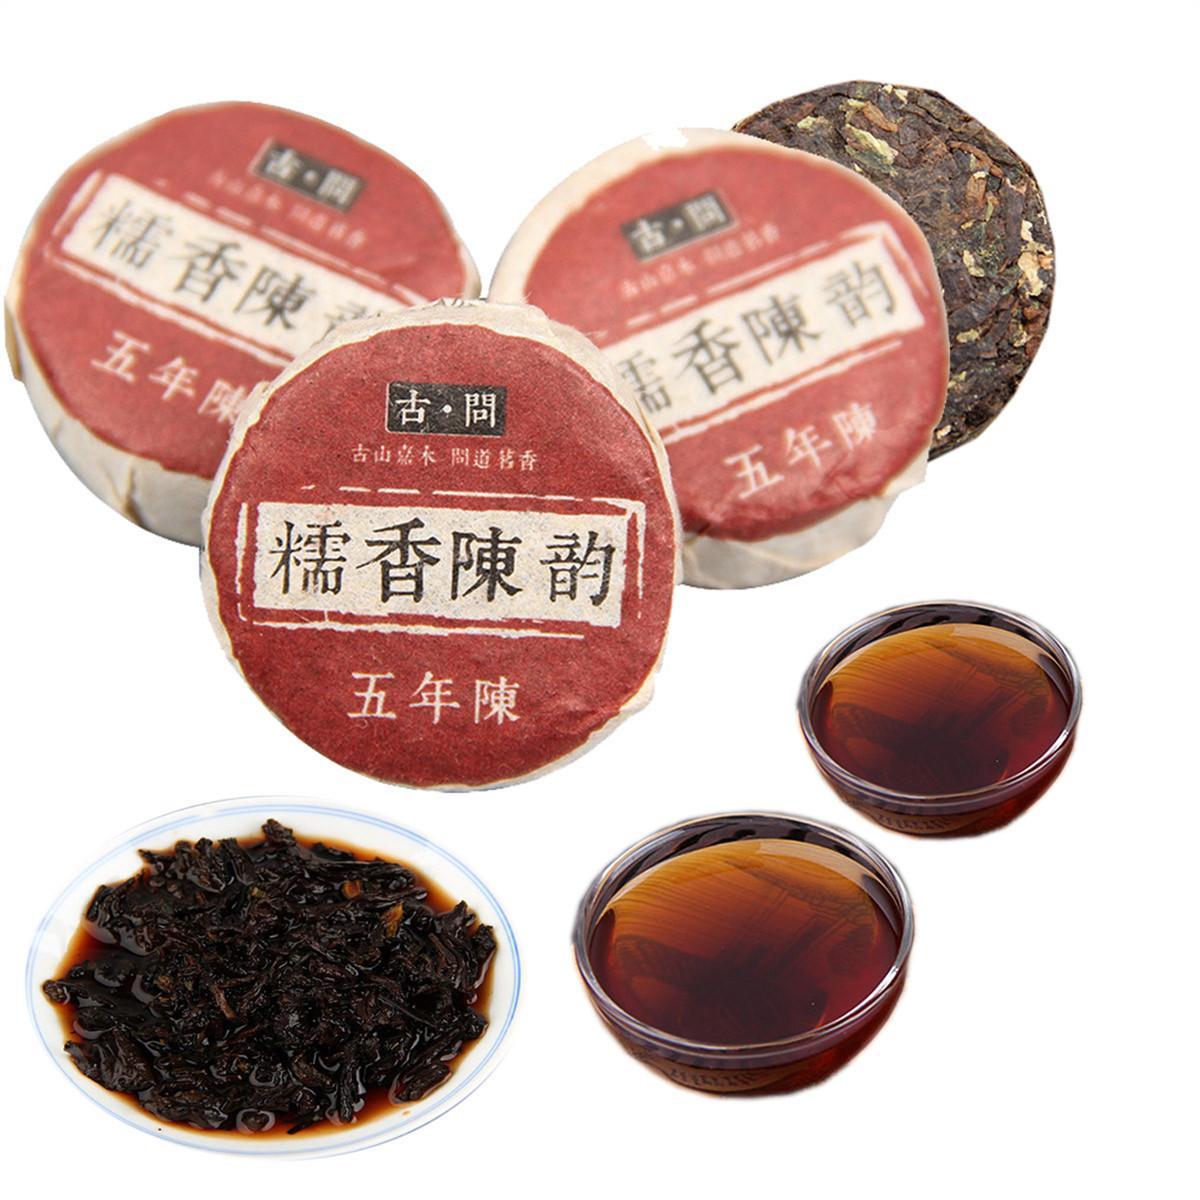 Предпочтение Юньнань клейкий рис ароматный спелый Пуэр чай торт черный пуэр чай органический натуральный Пуэр старое дерево приготовленный Пуэр чай зеленая еда